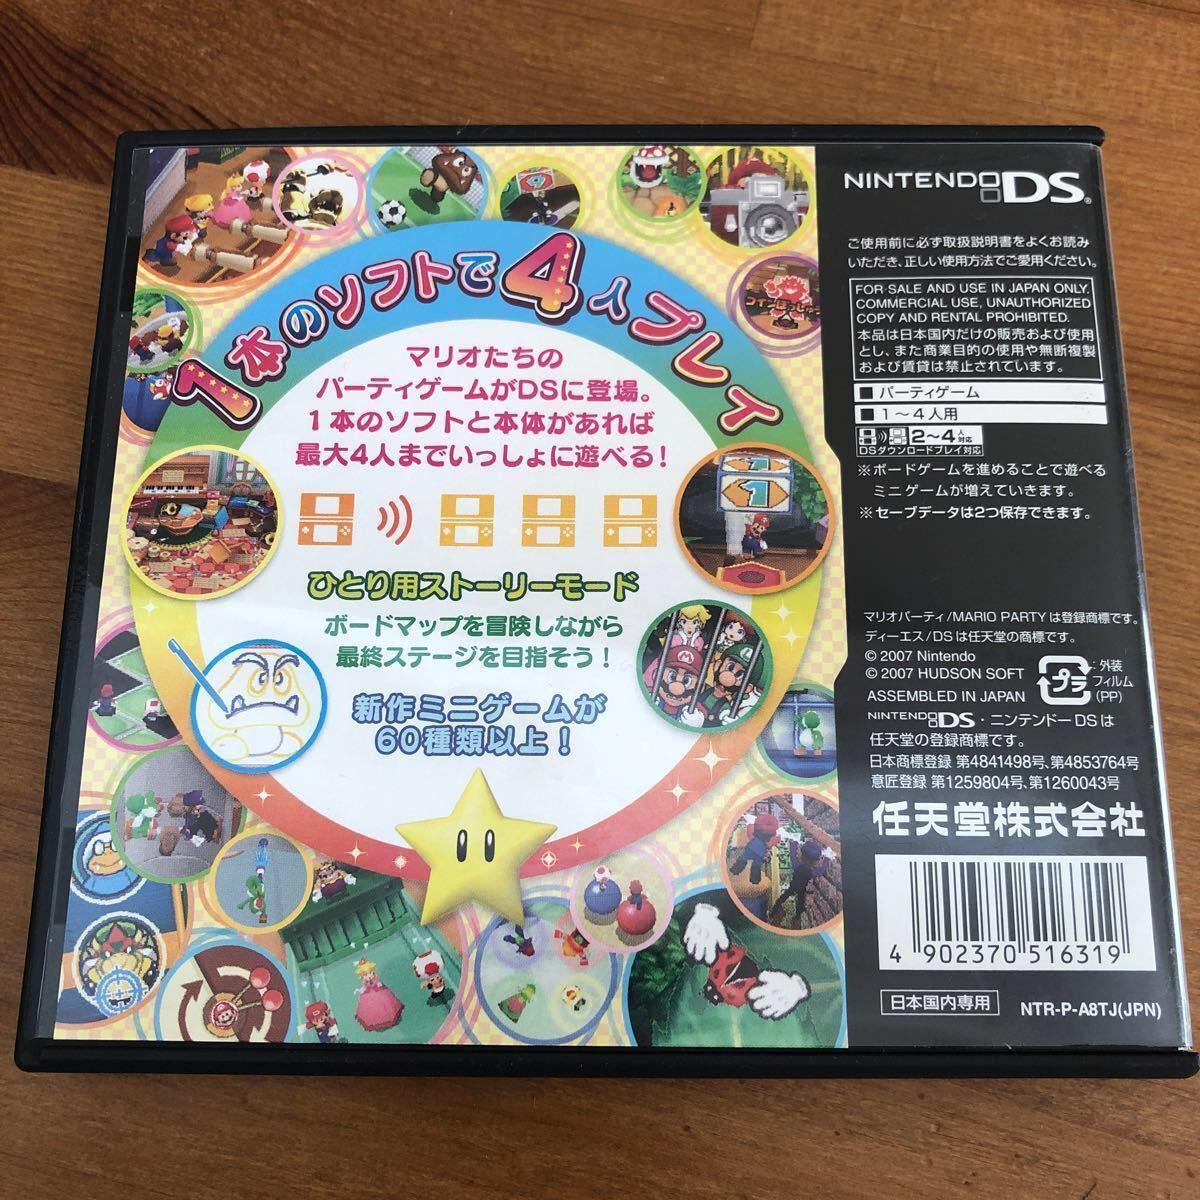 マリオパーティDS ソフト送料無料  マリオパーティー